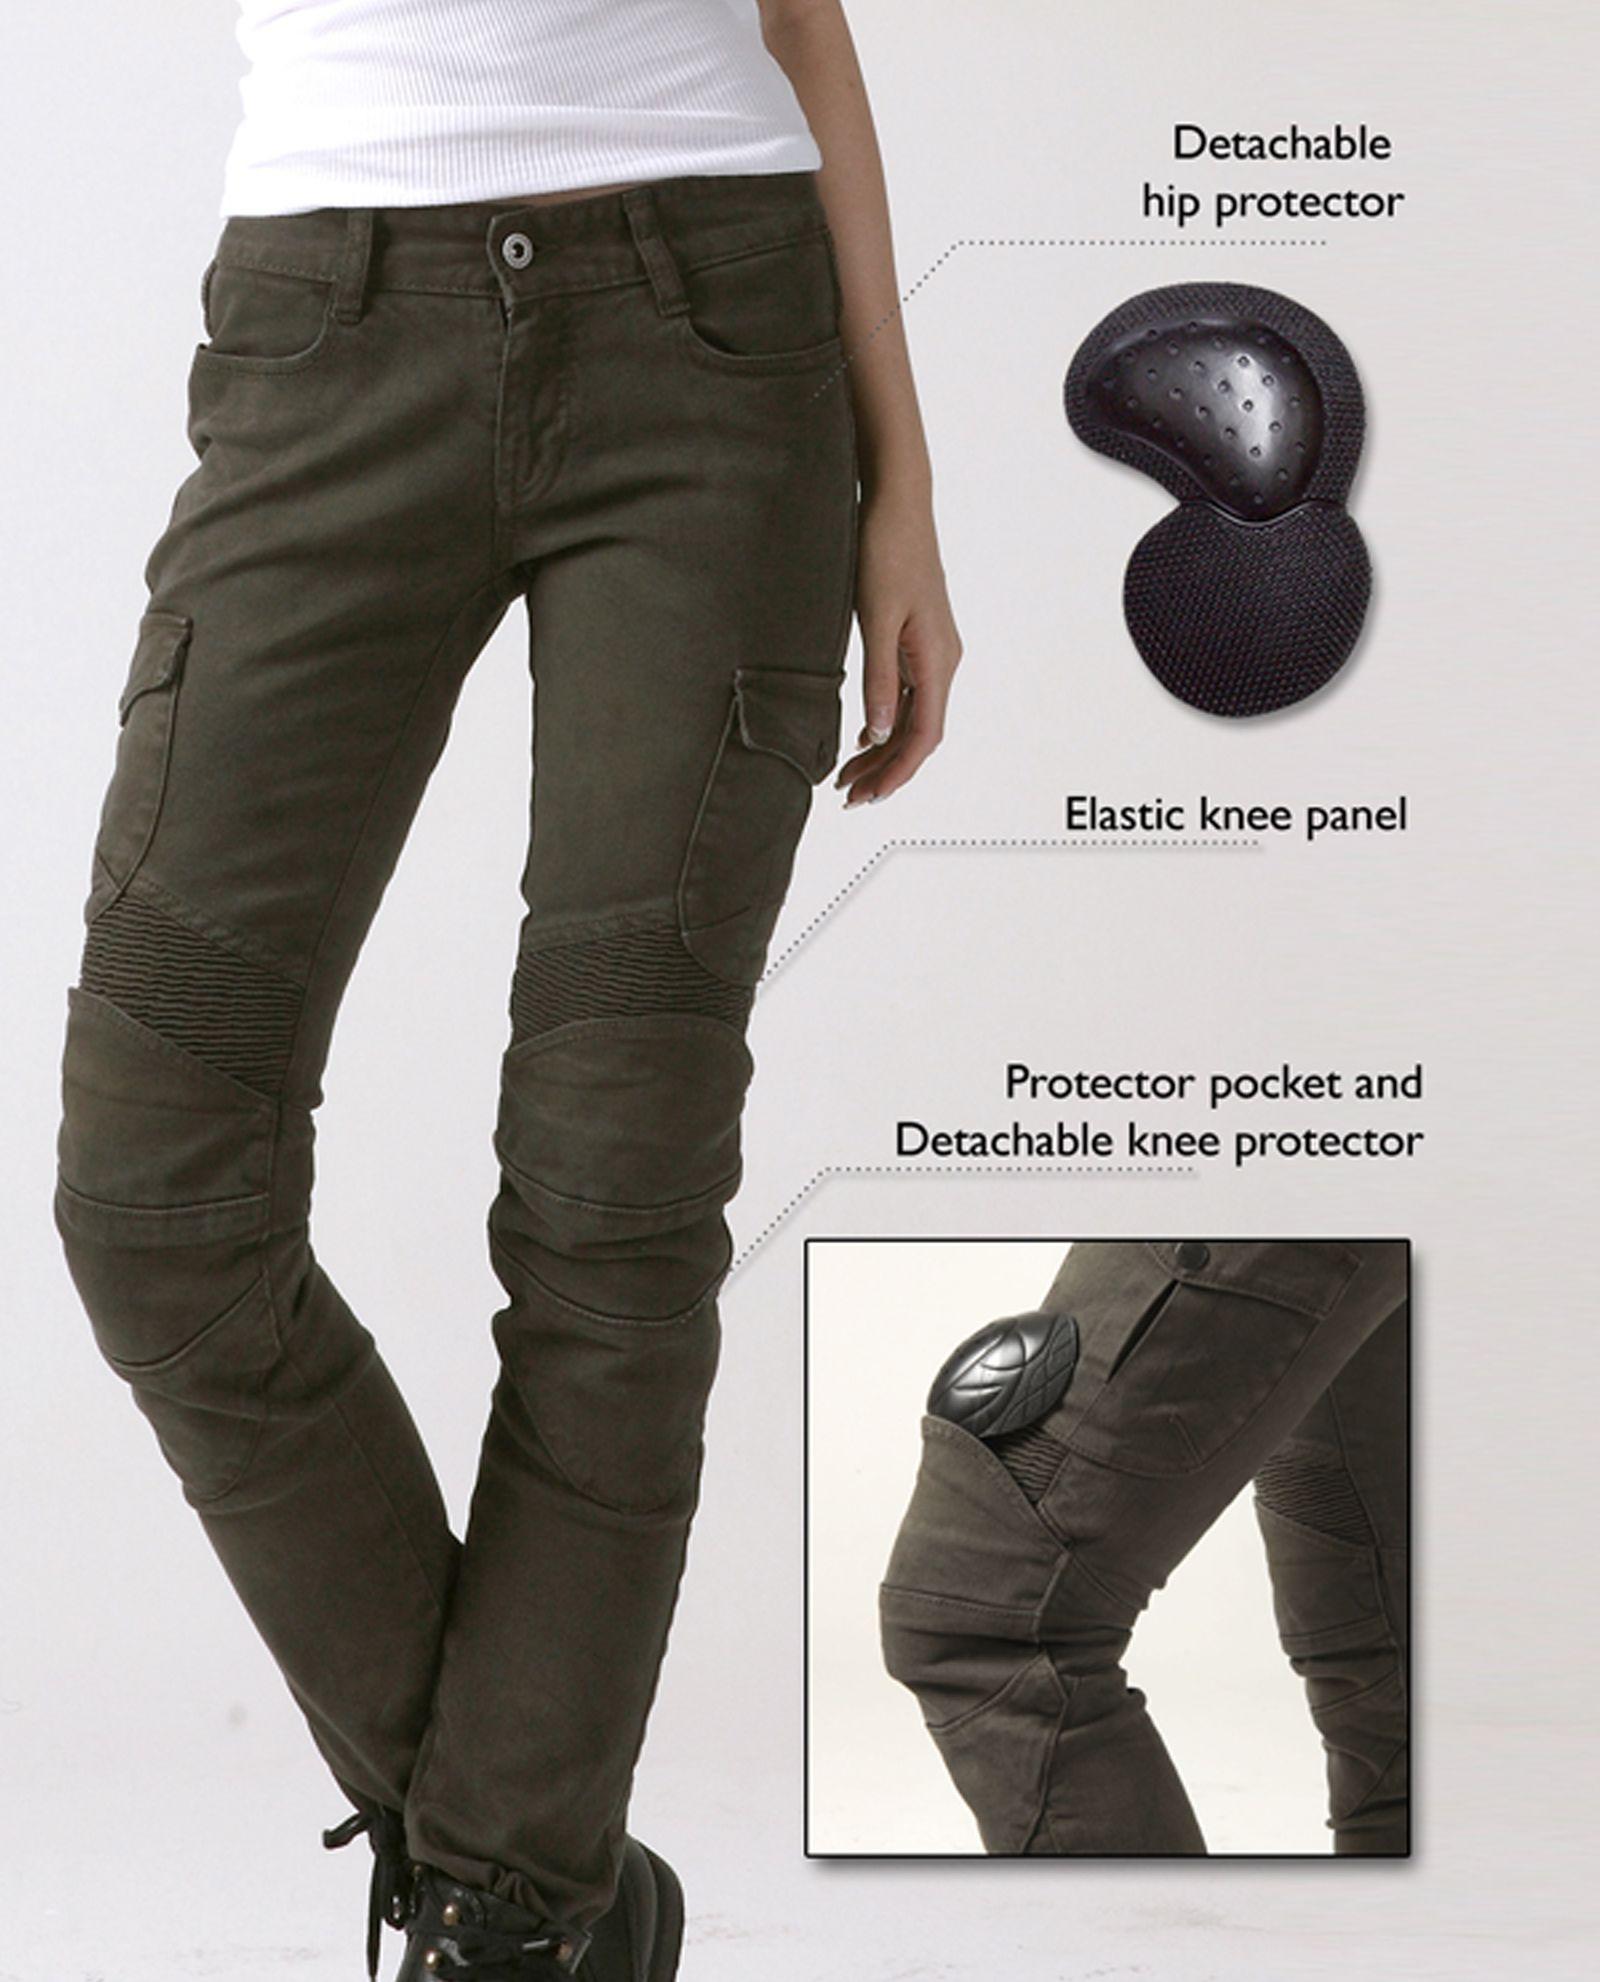 Uglybrosusa Motorpool G Cargo Pants Motorcycle Jeans Motorcycle Pants Motorcycle Riding Pants